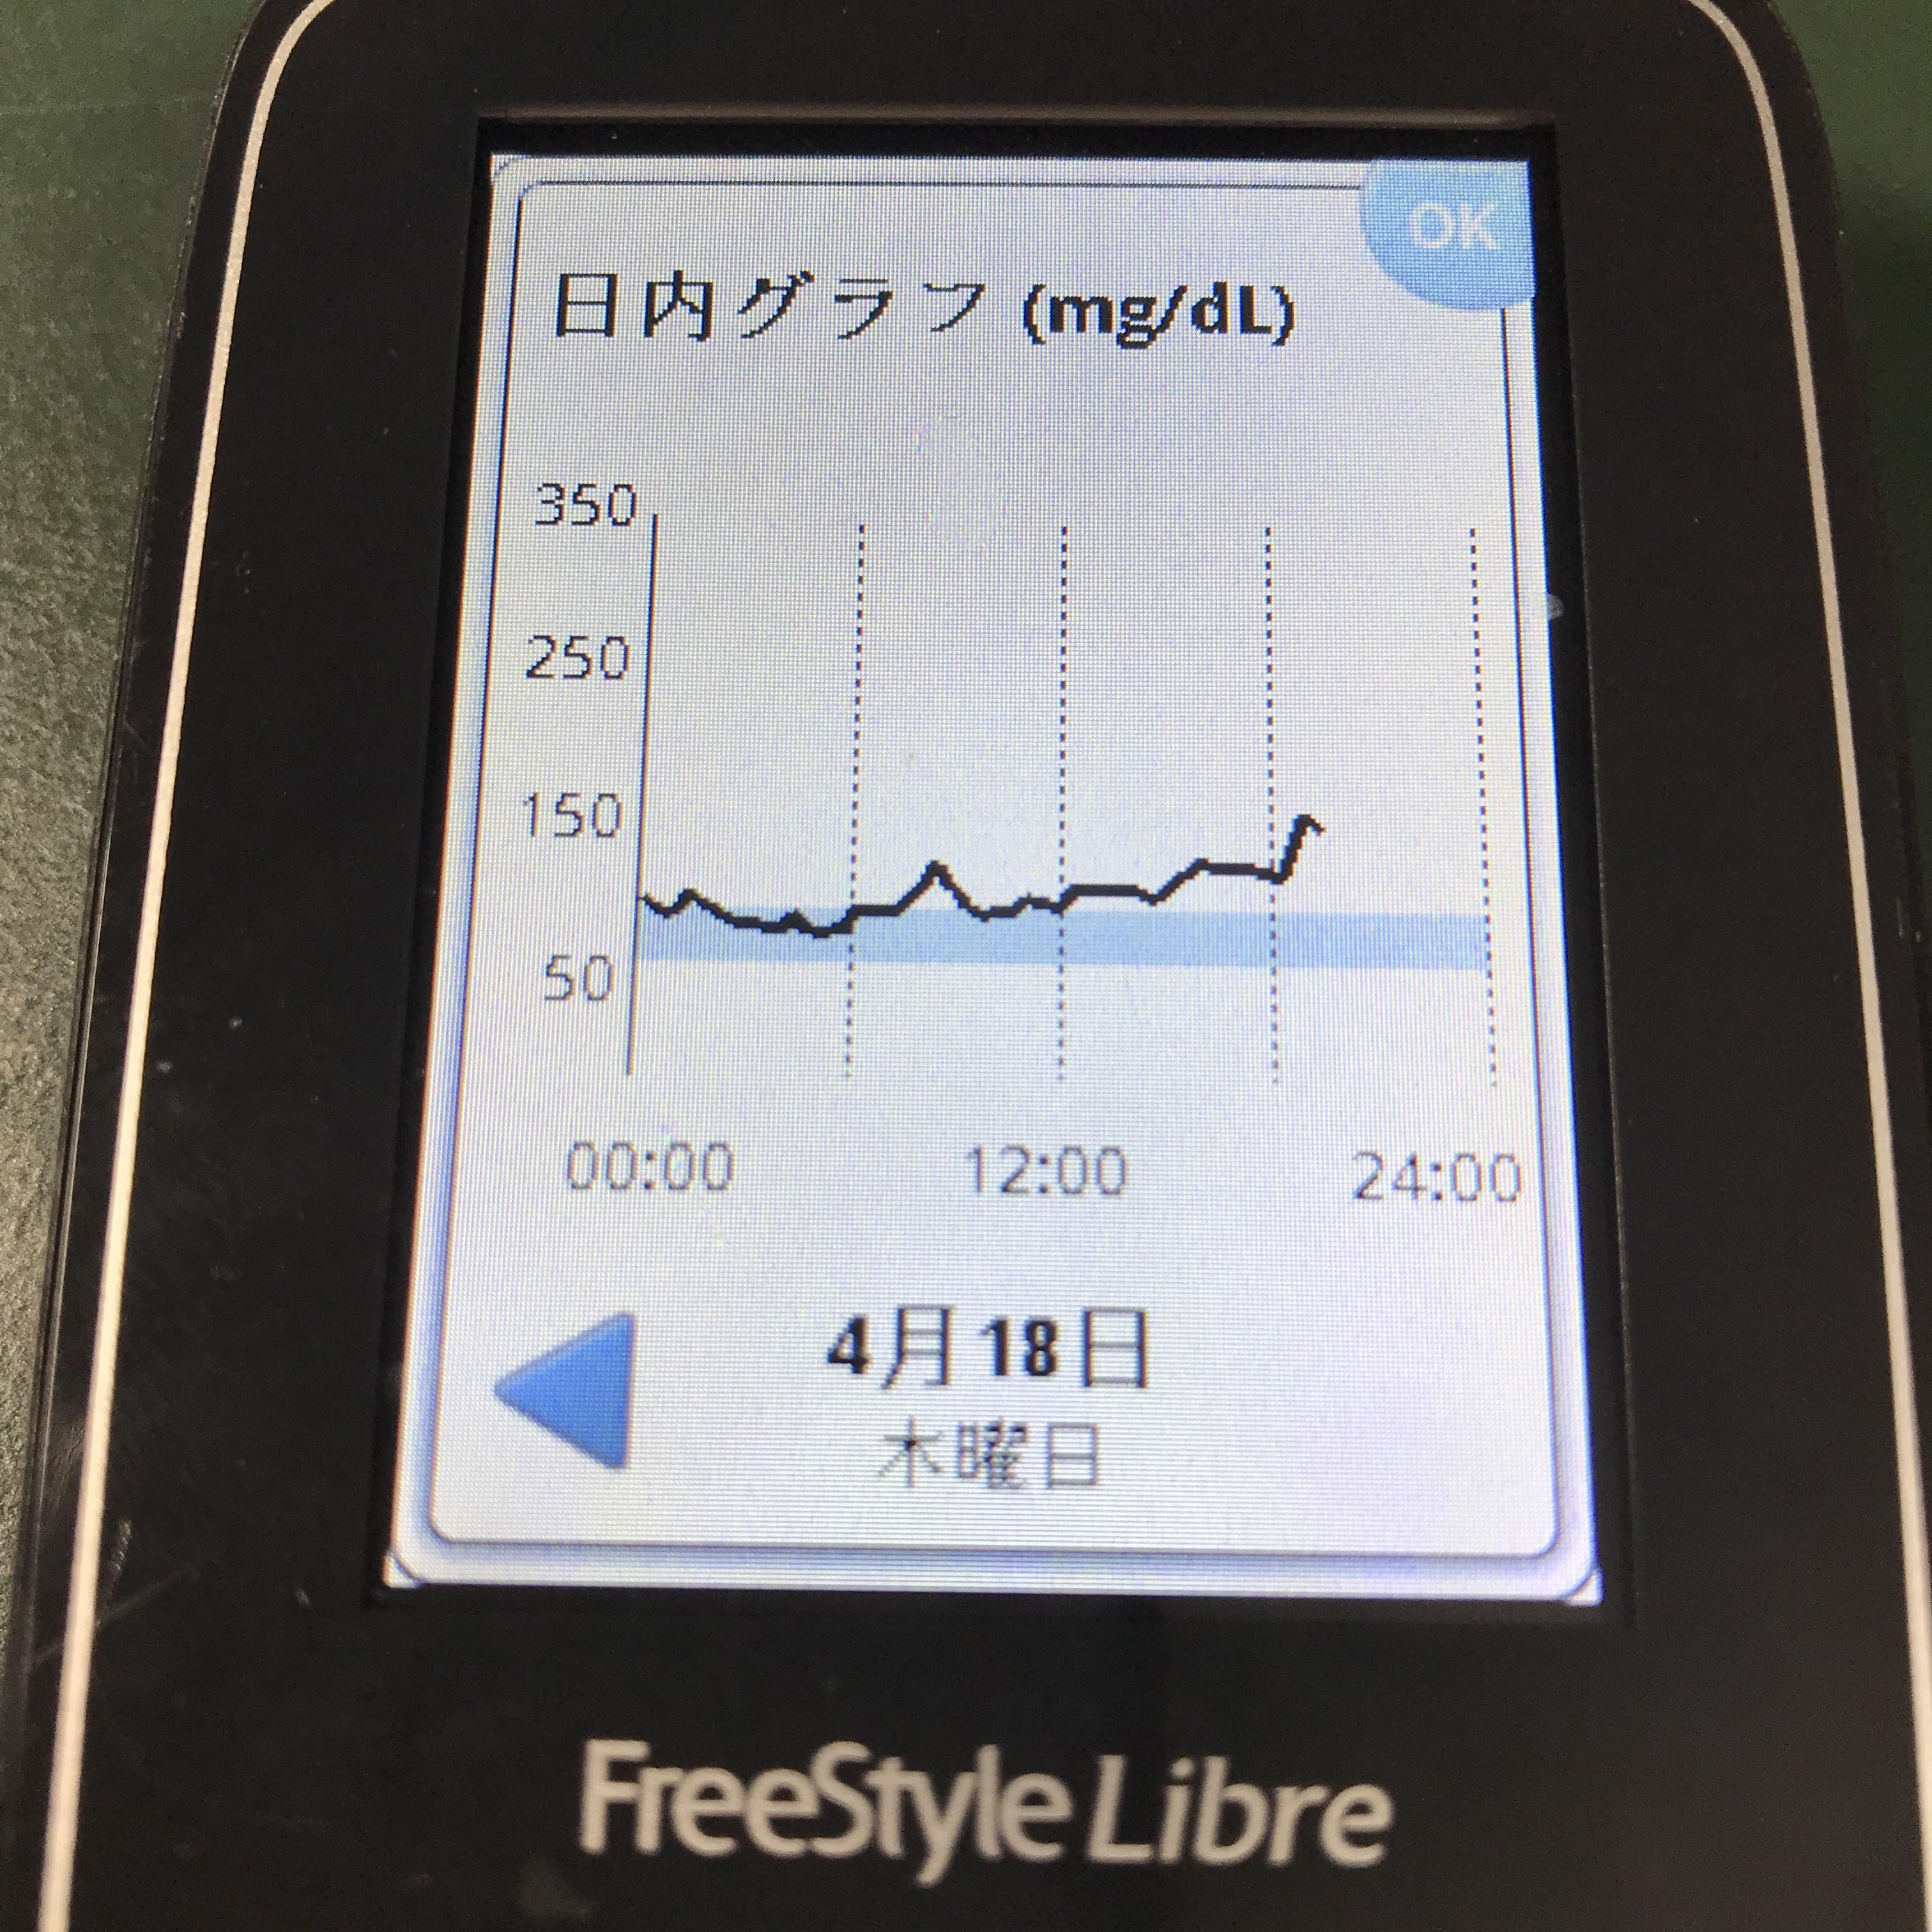 糖質制限 本日でフリースタイルリブレ終了